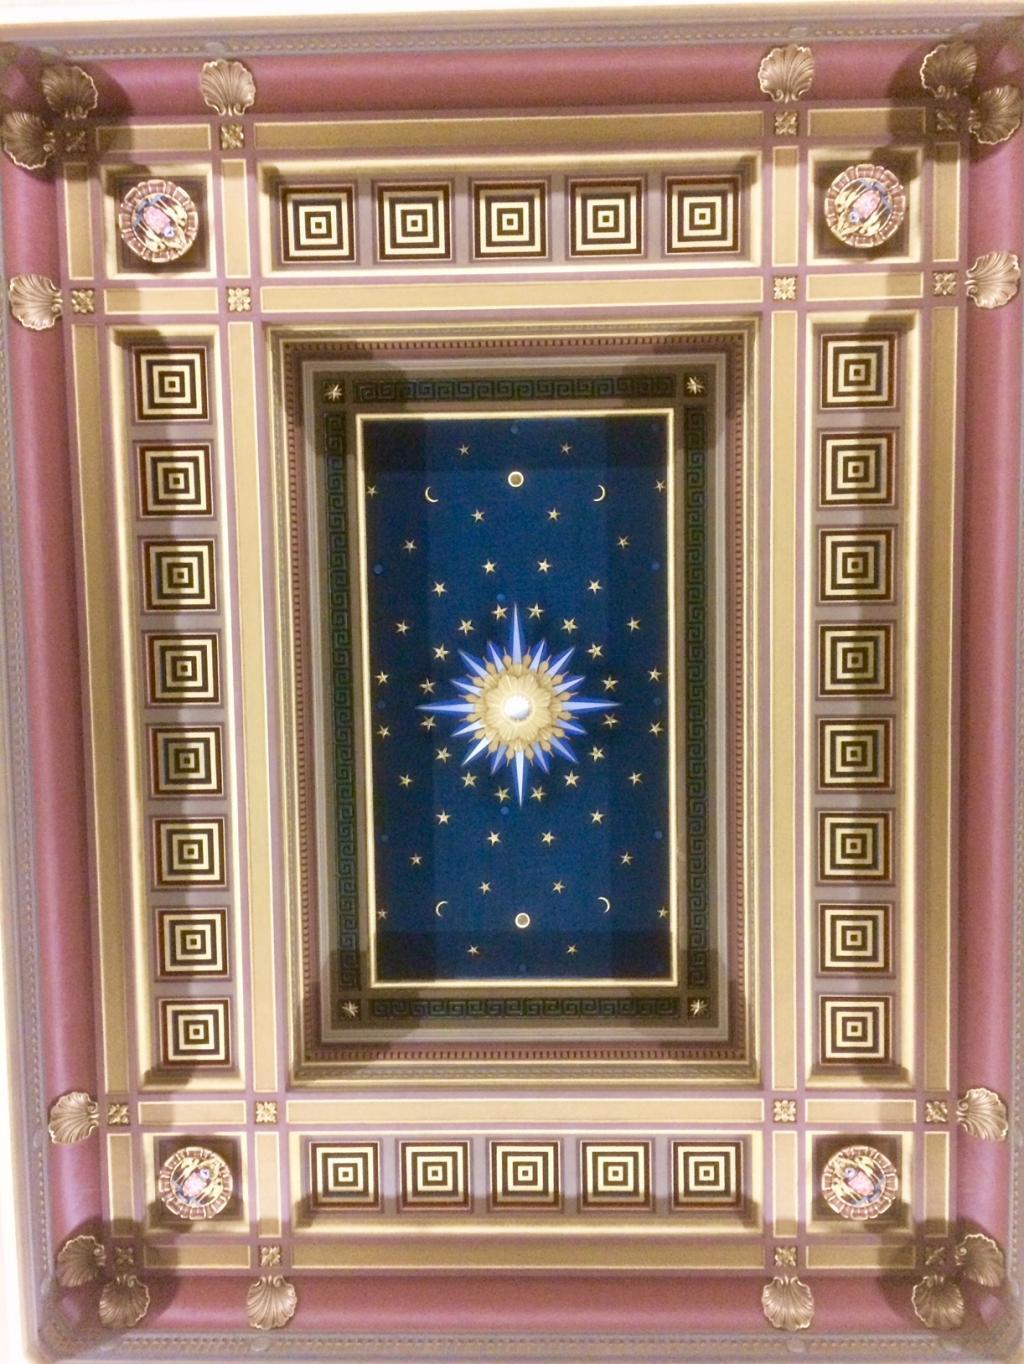 UGLE Starred Ceiling 1